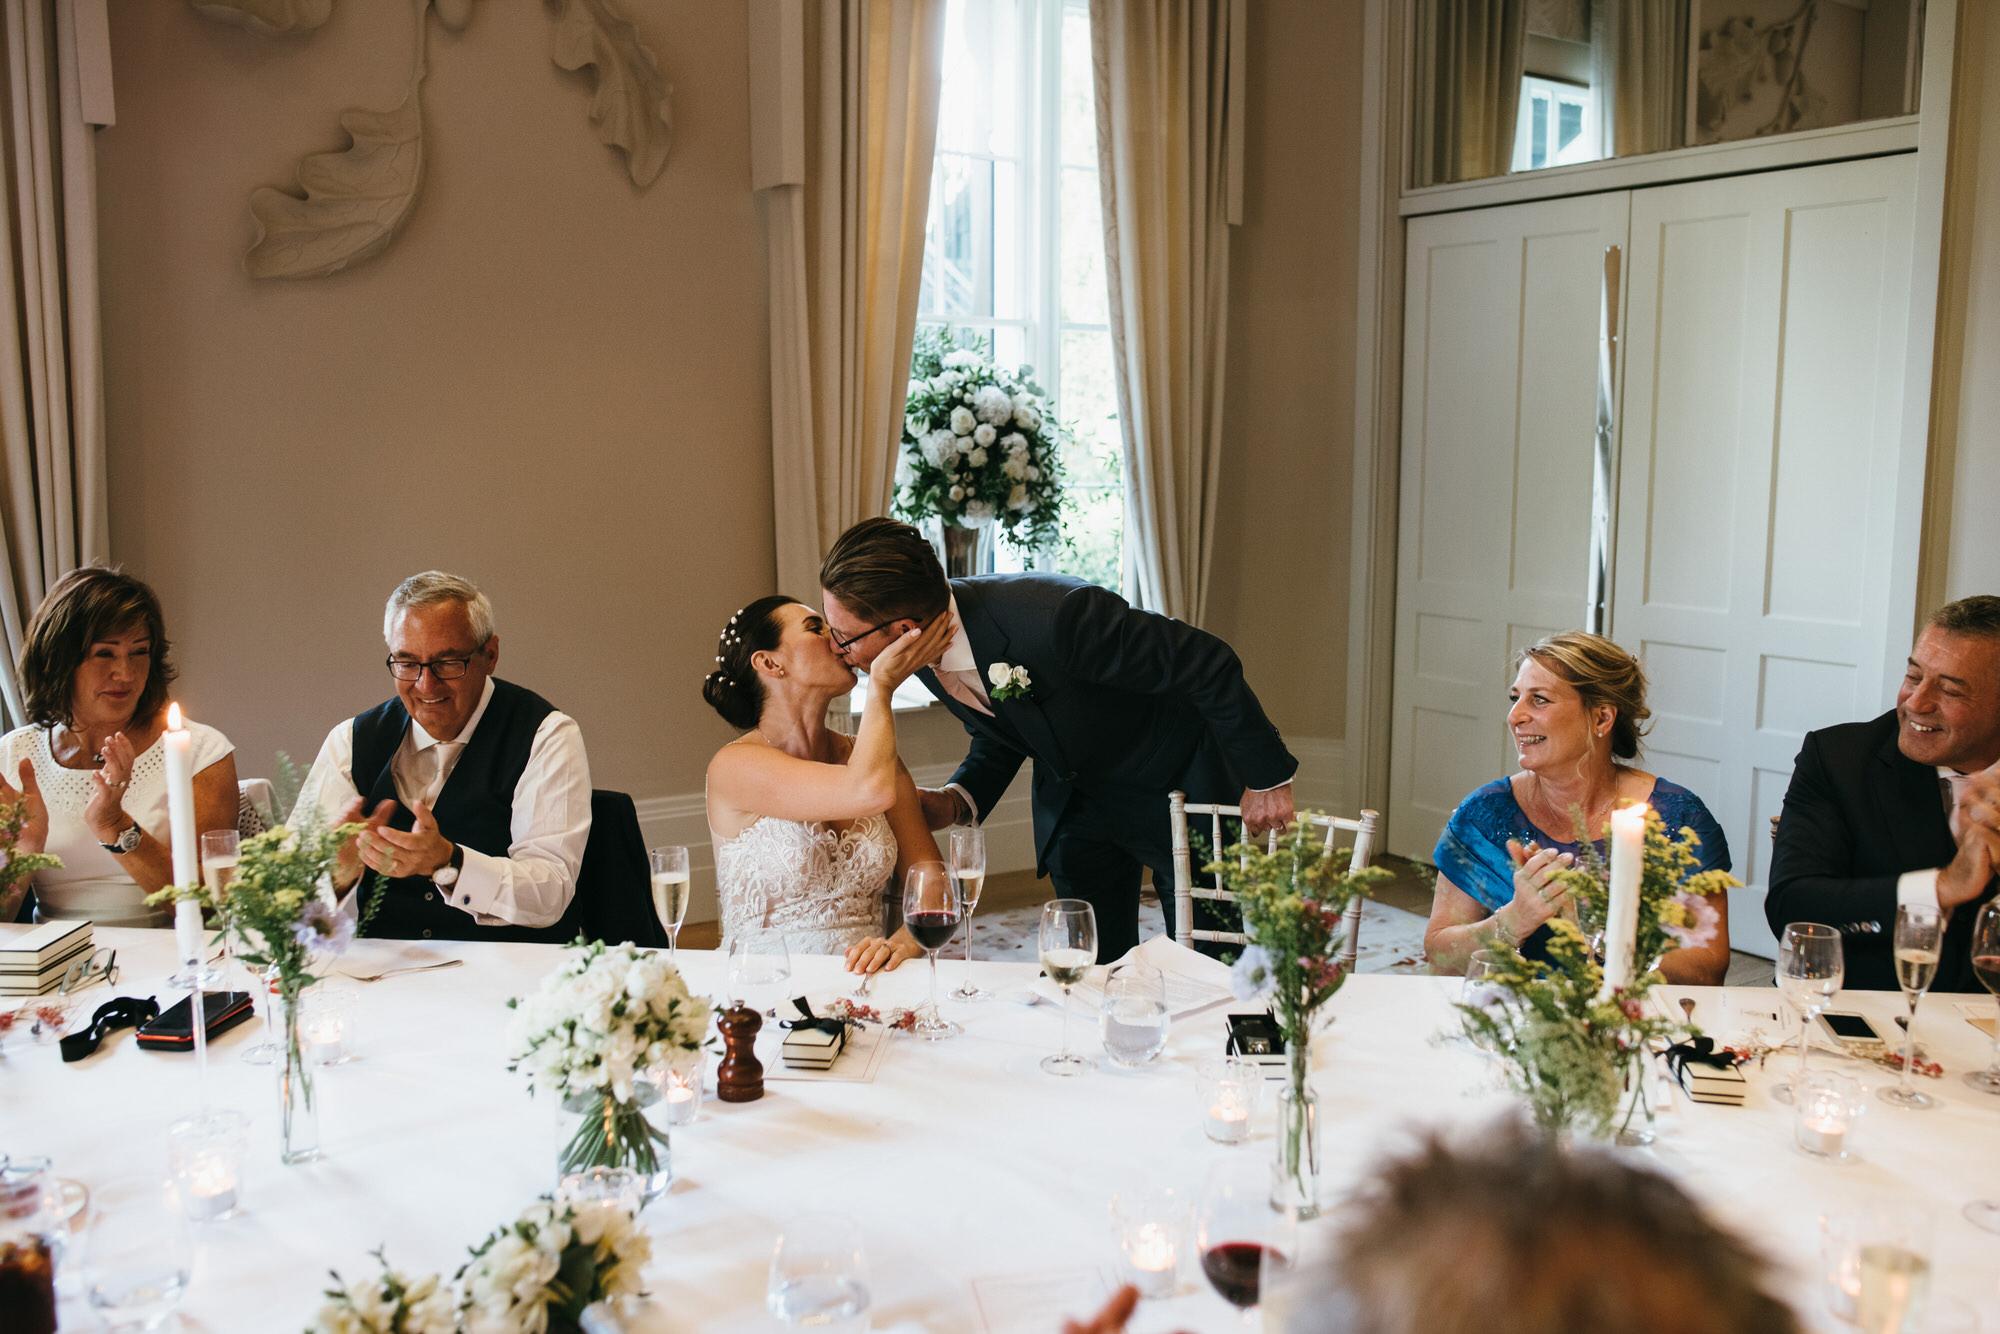 Coworth park wedding speeches